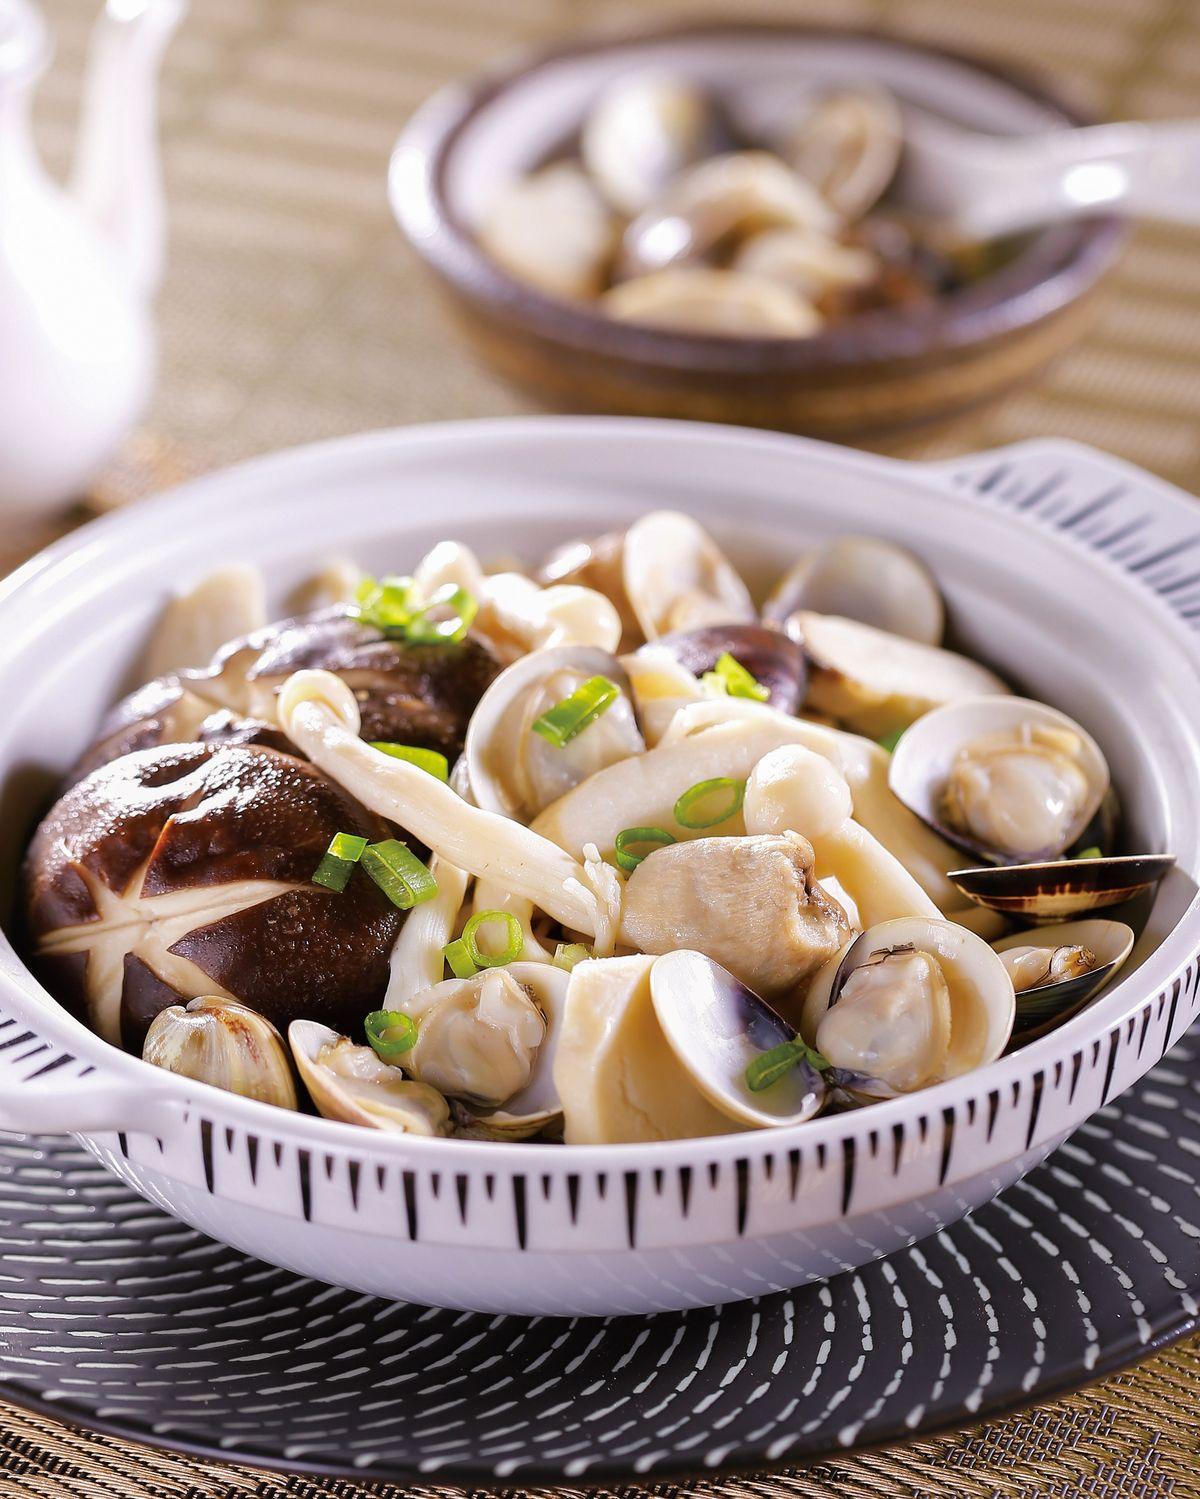 食譜:什錦菇烤蛤蜊